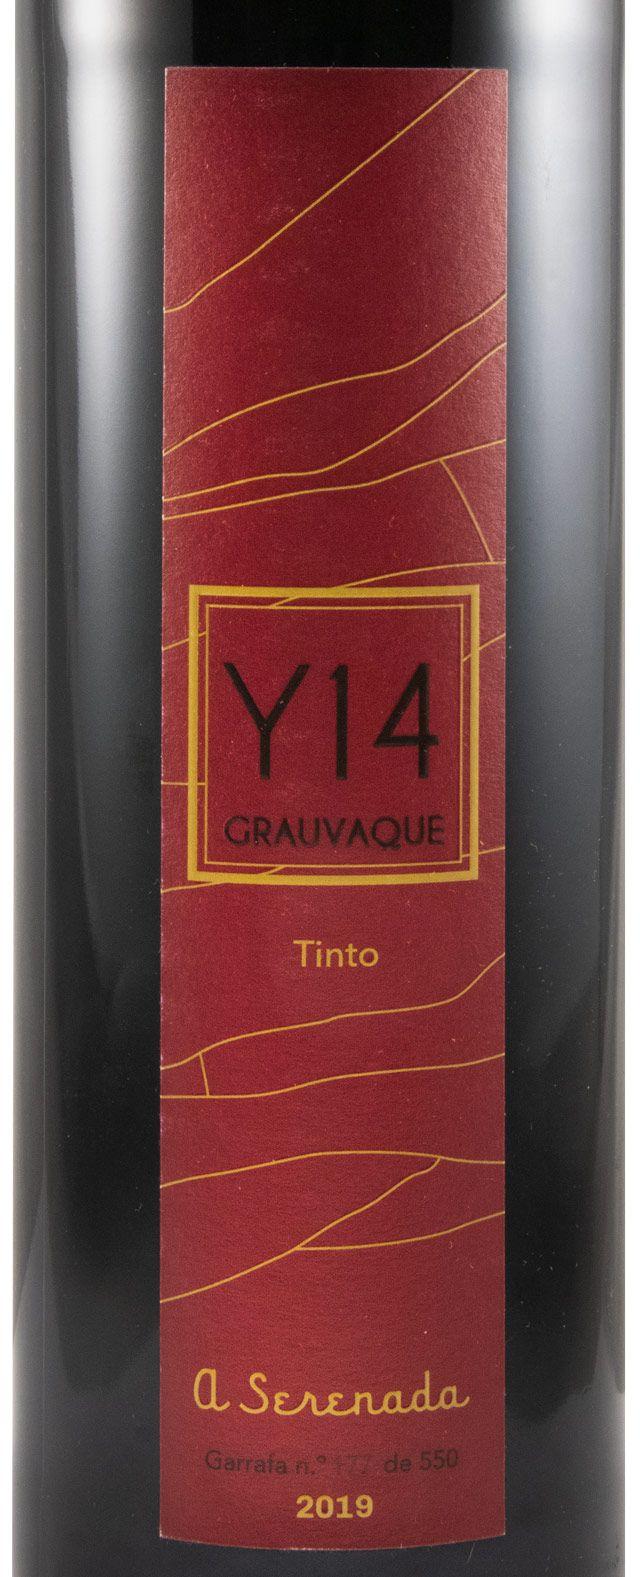 2019 Grauvaque Y14 tinto